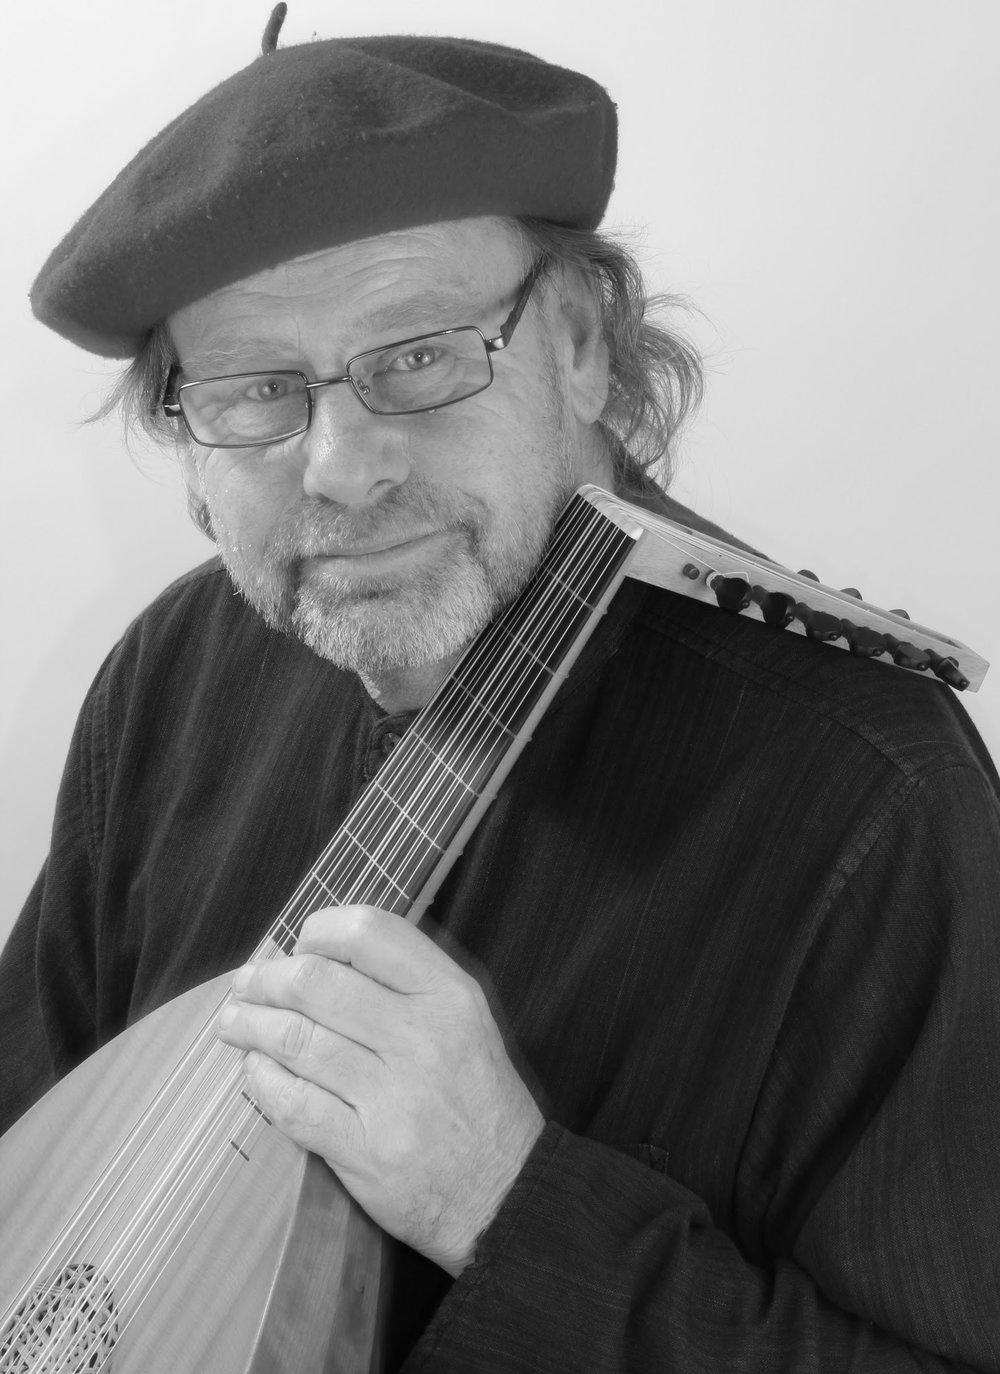 Tony Scheuregger